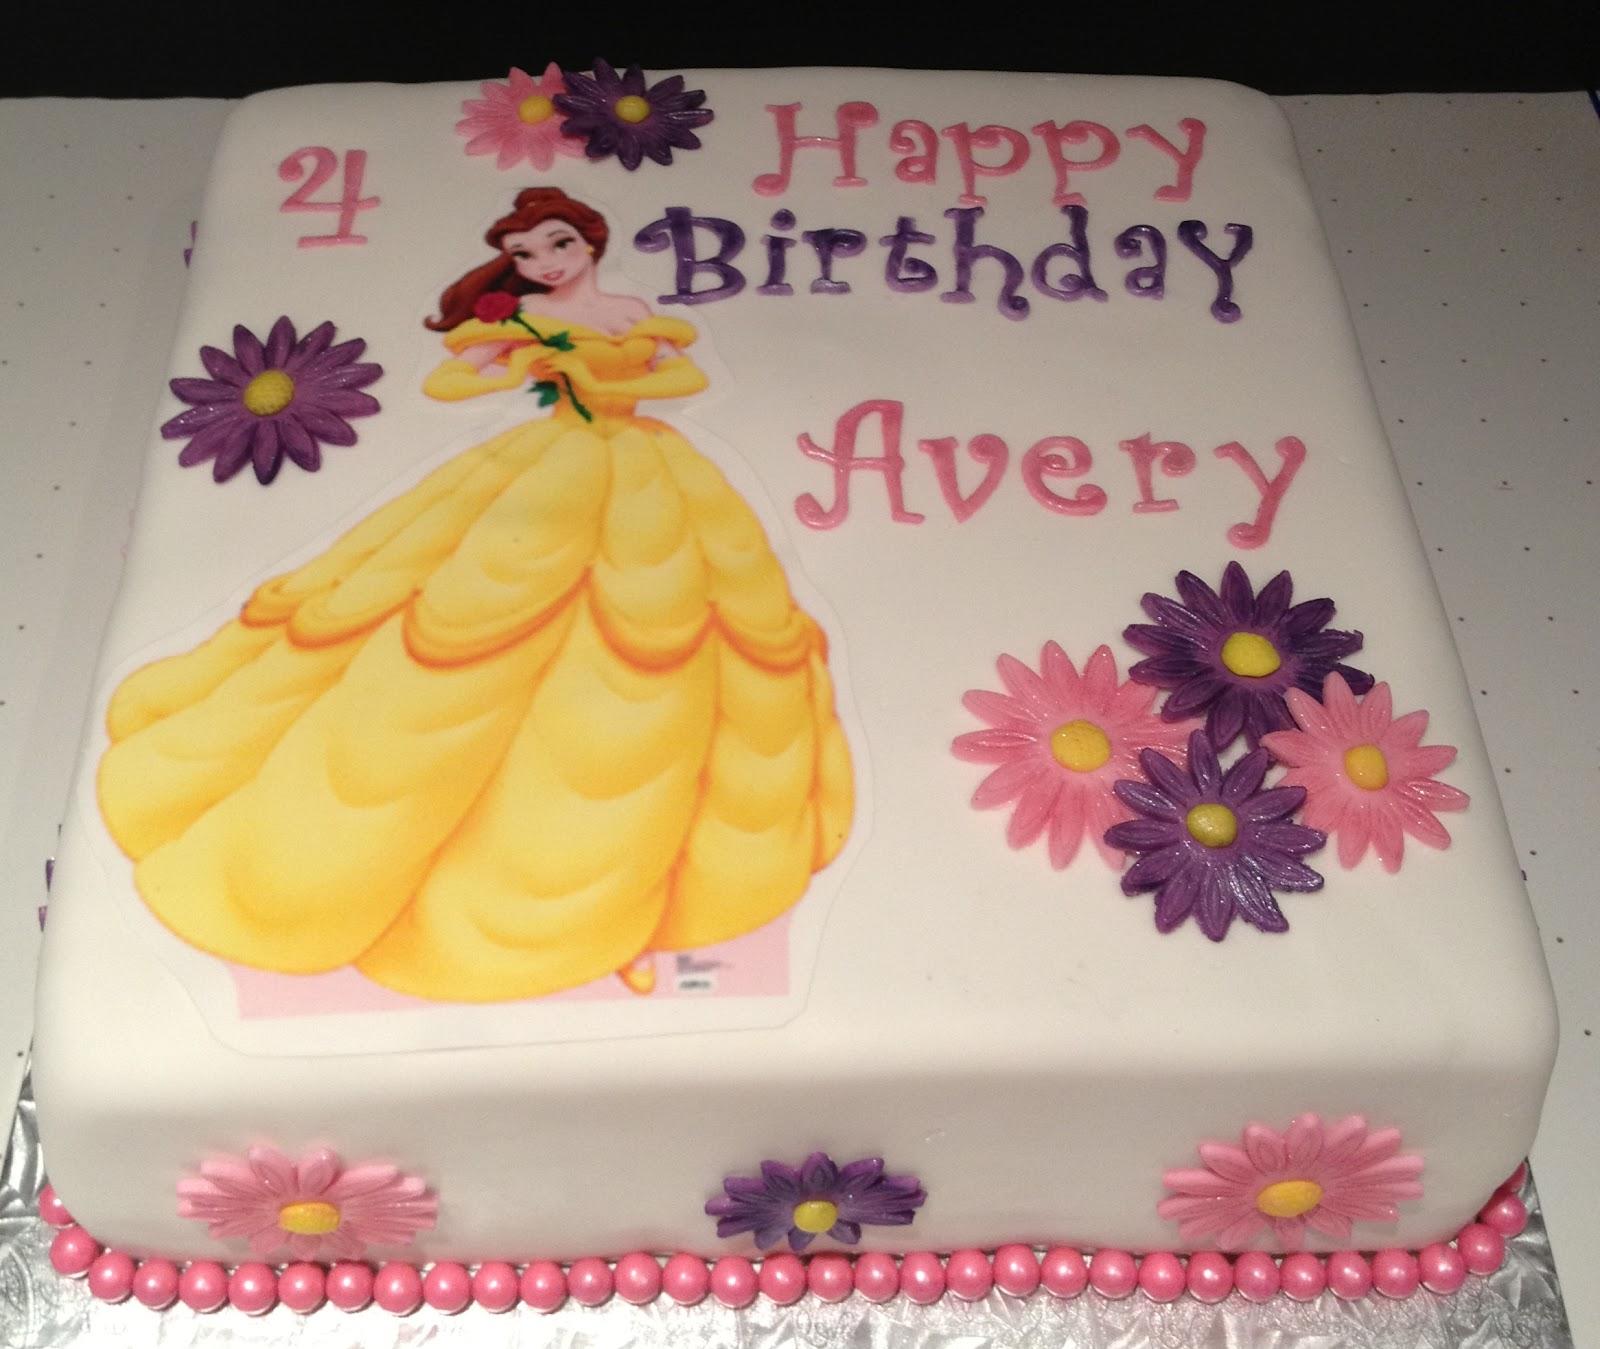 Happy Half Birthday Cake